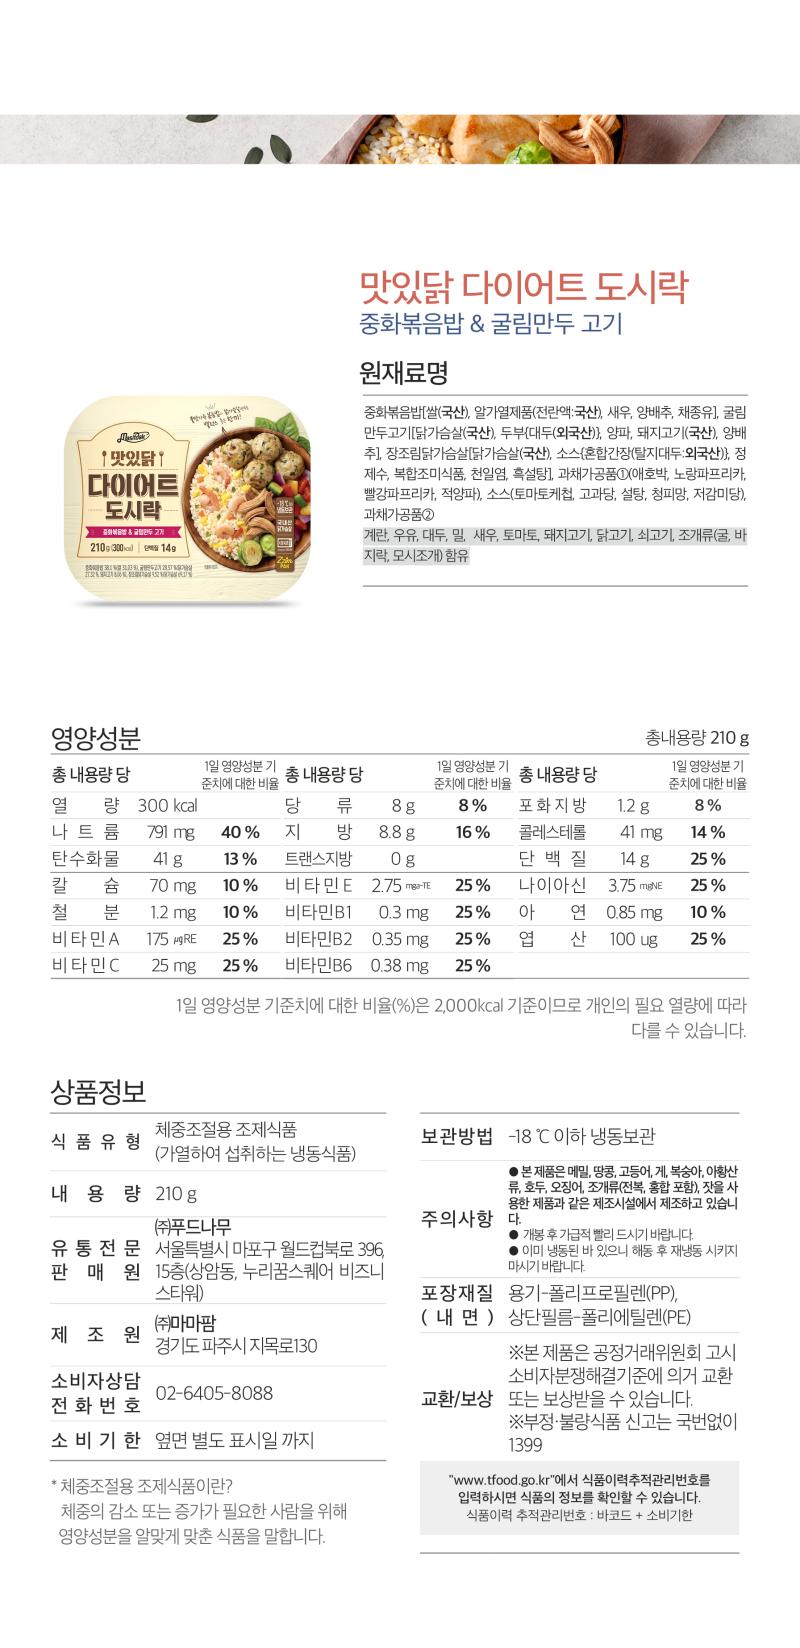 영양성분상품정보